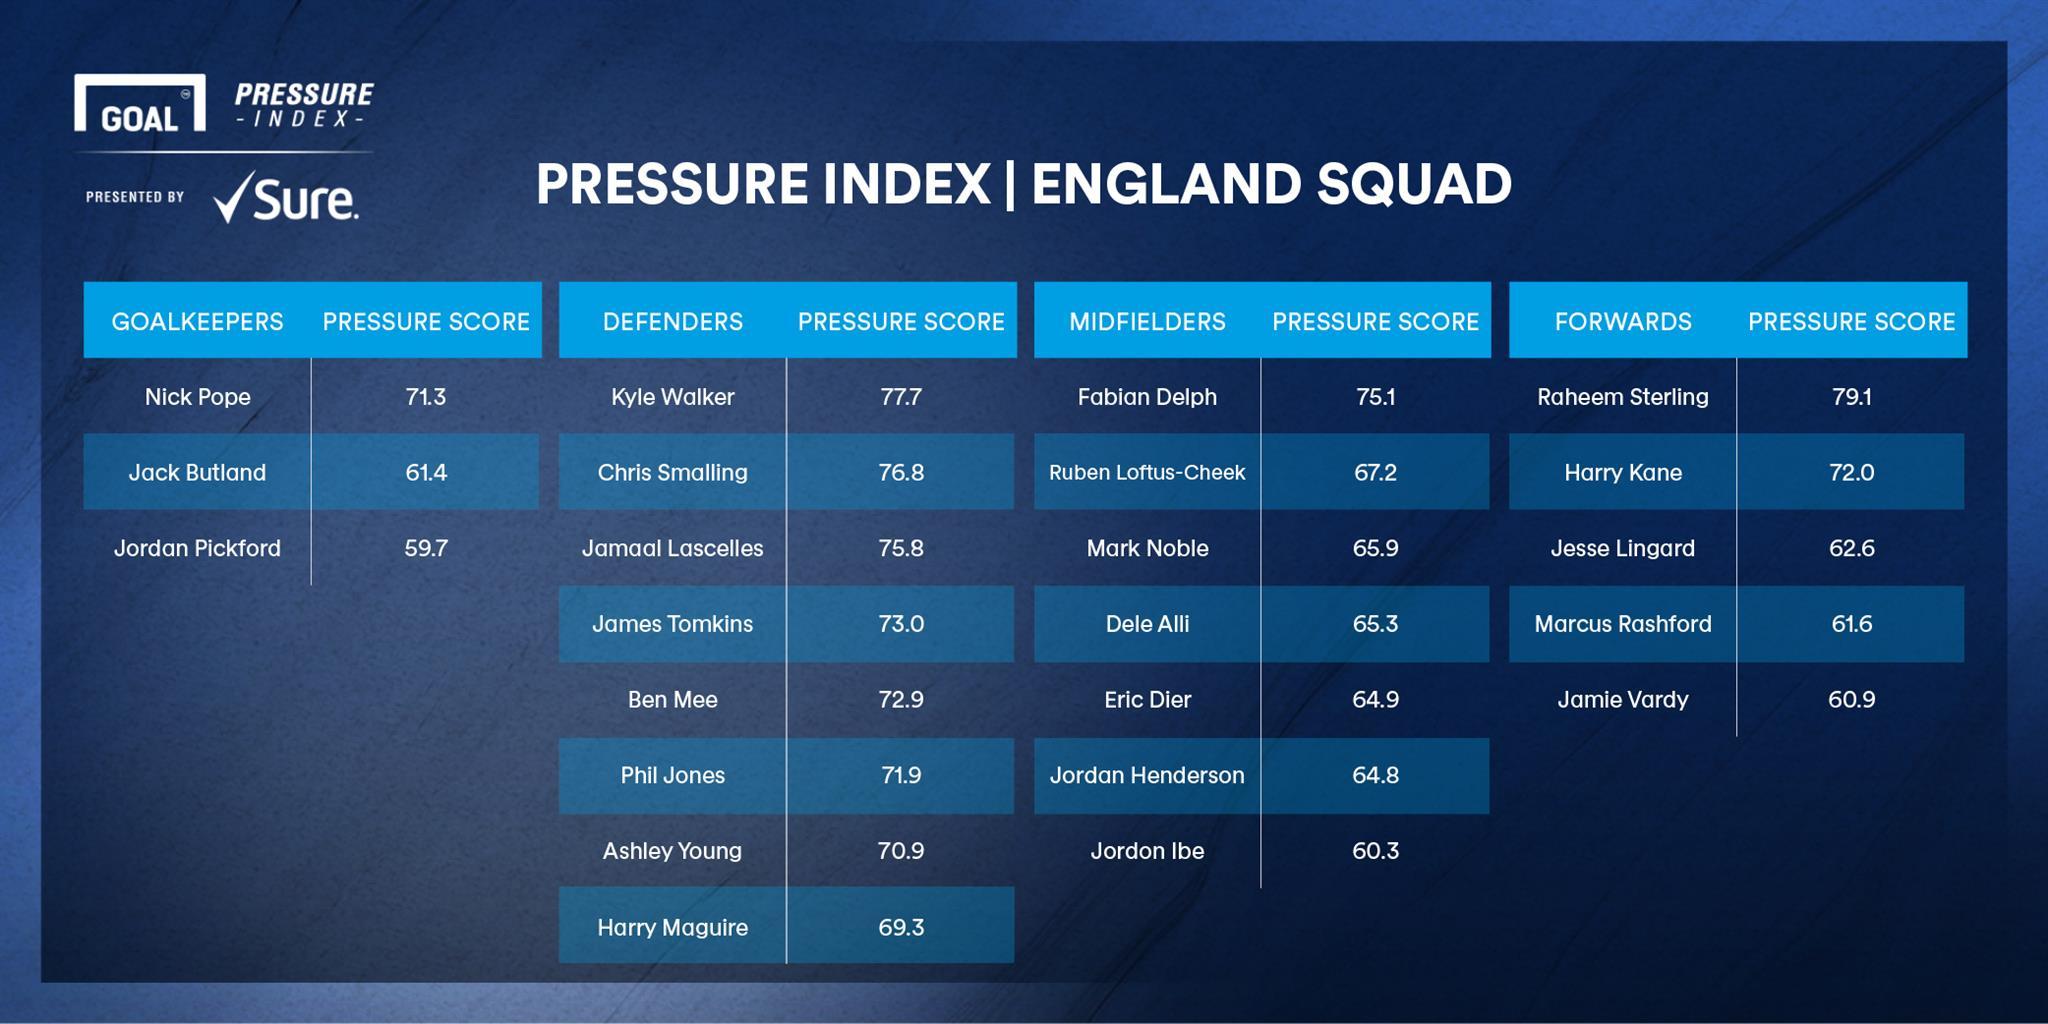 Goal Pressure Index England squad